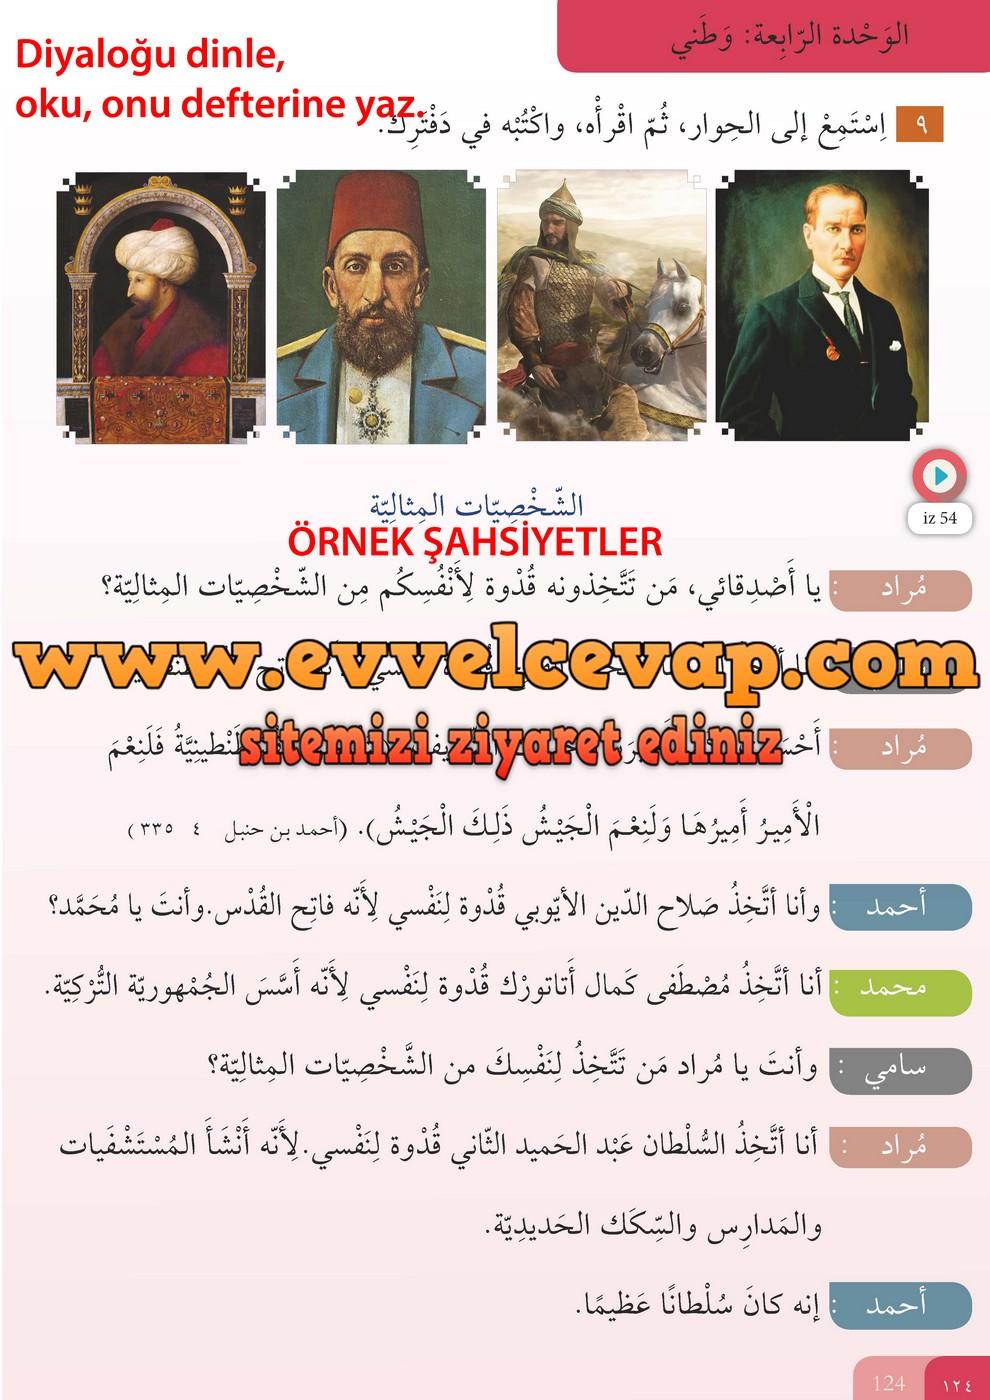 7. Sınıf Meb Yayınları Arapça Ders ve Öğrenci Çalışma Kitabı Sayfa 124 Cevabı